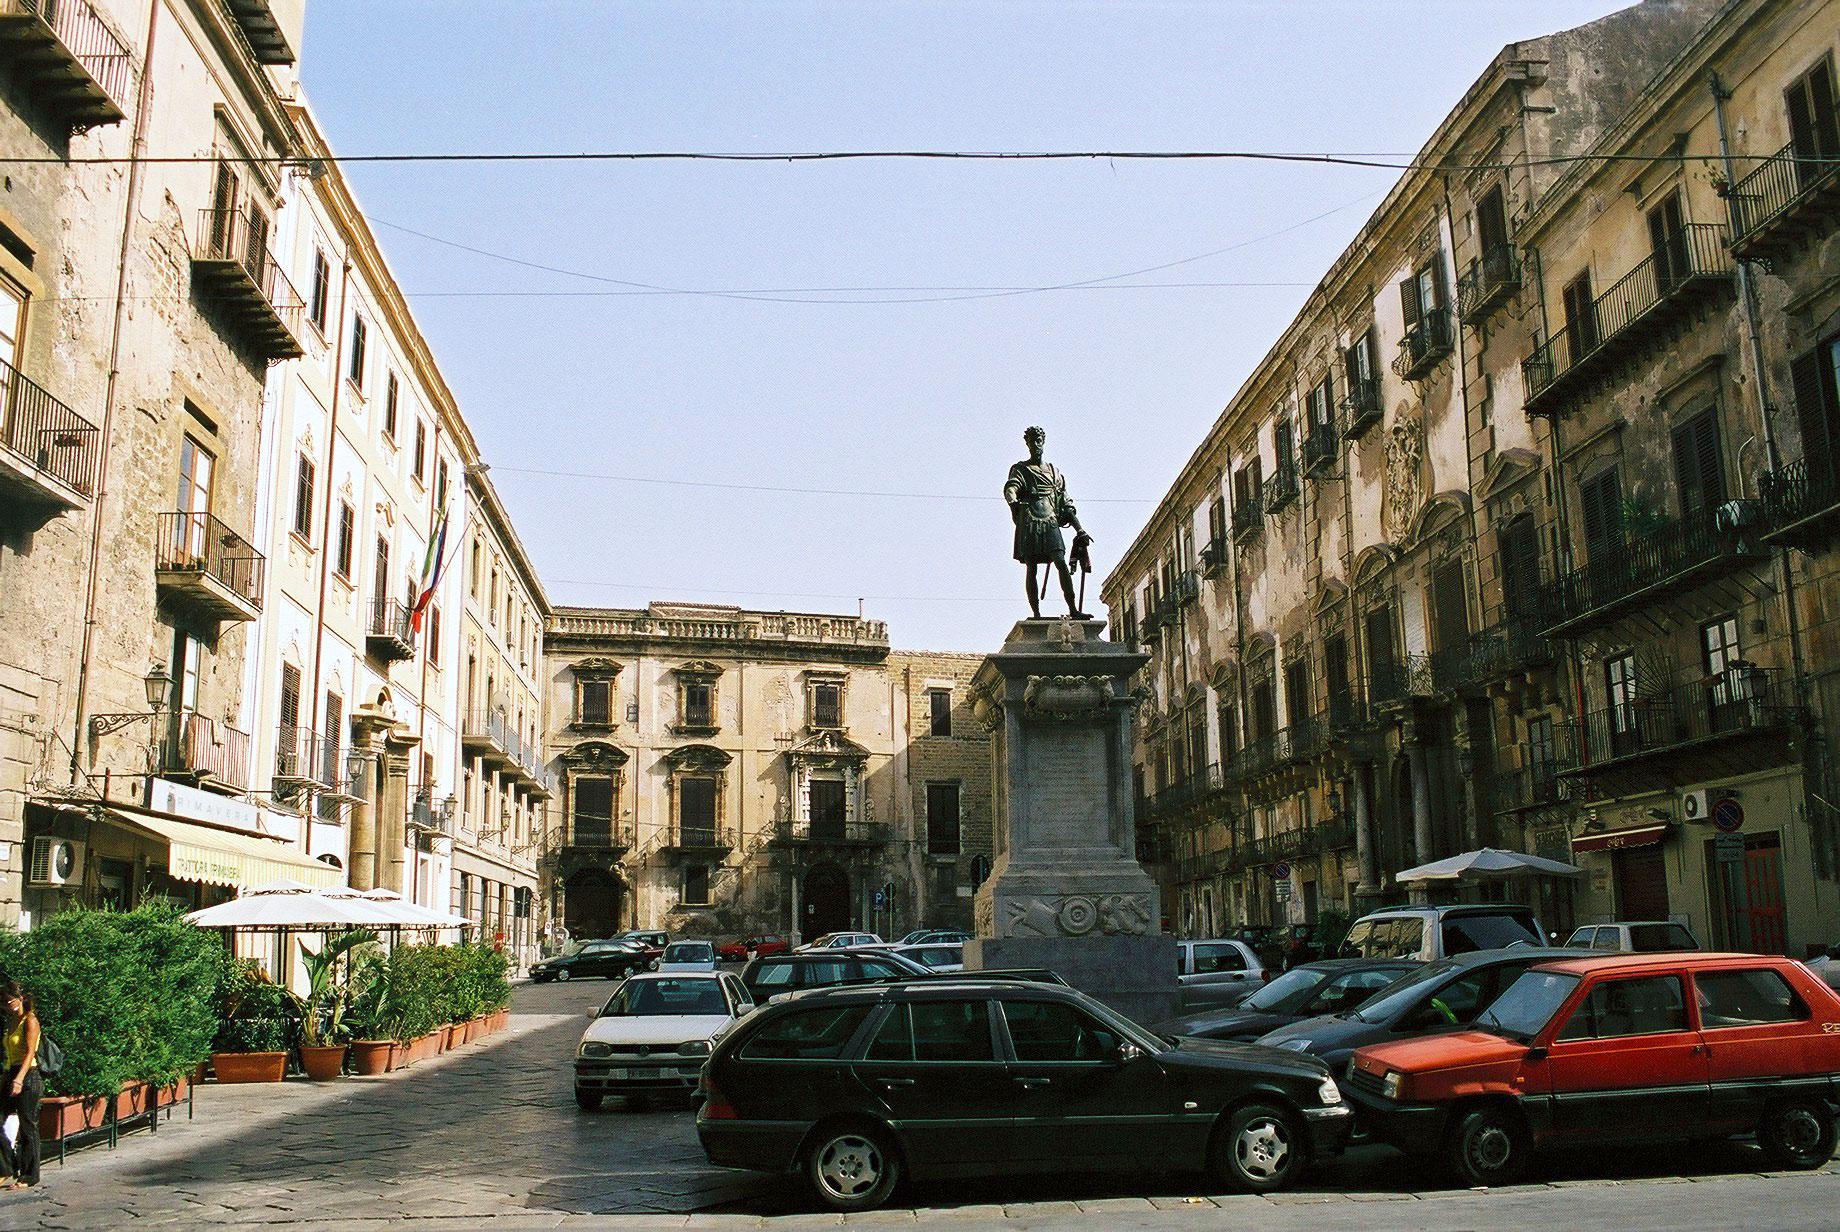 Palermo: Europei e multiculturalismo. Tutti in pizza nel quartiere di Ballarò